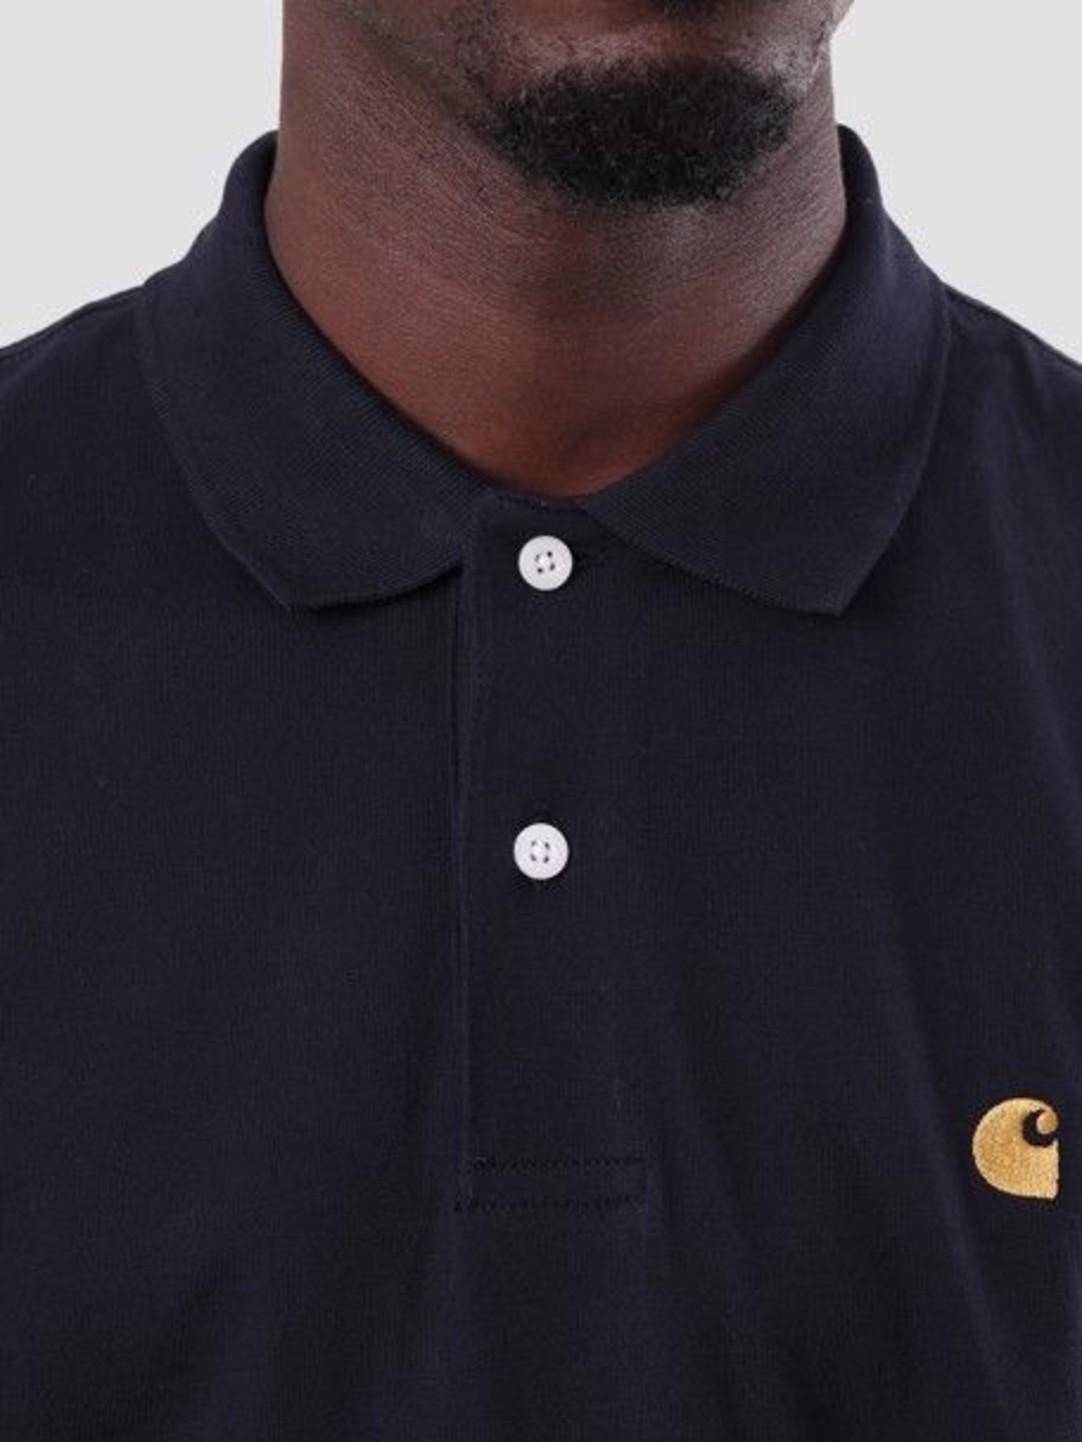 Carhartt WIP Carhartt WIP Chase Polo Dark Navy Gold I026393-1C90